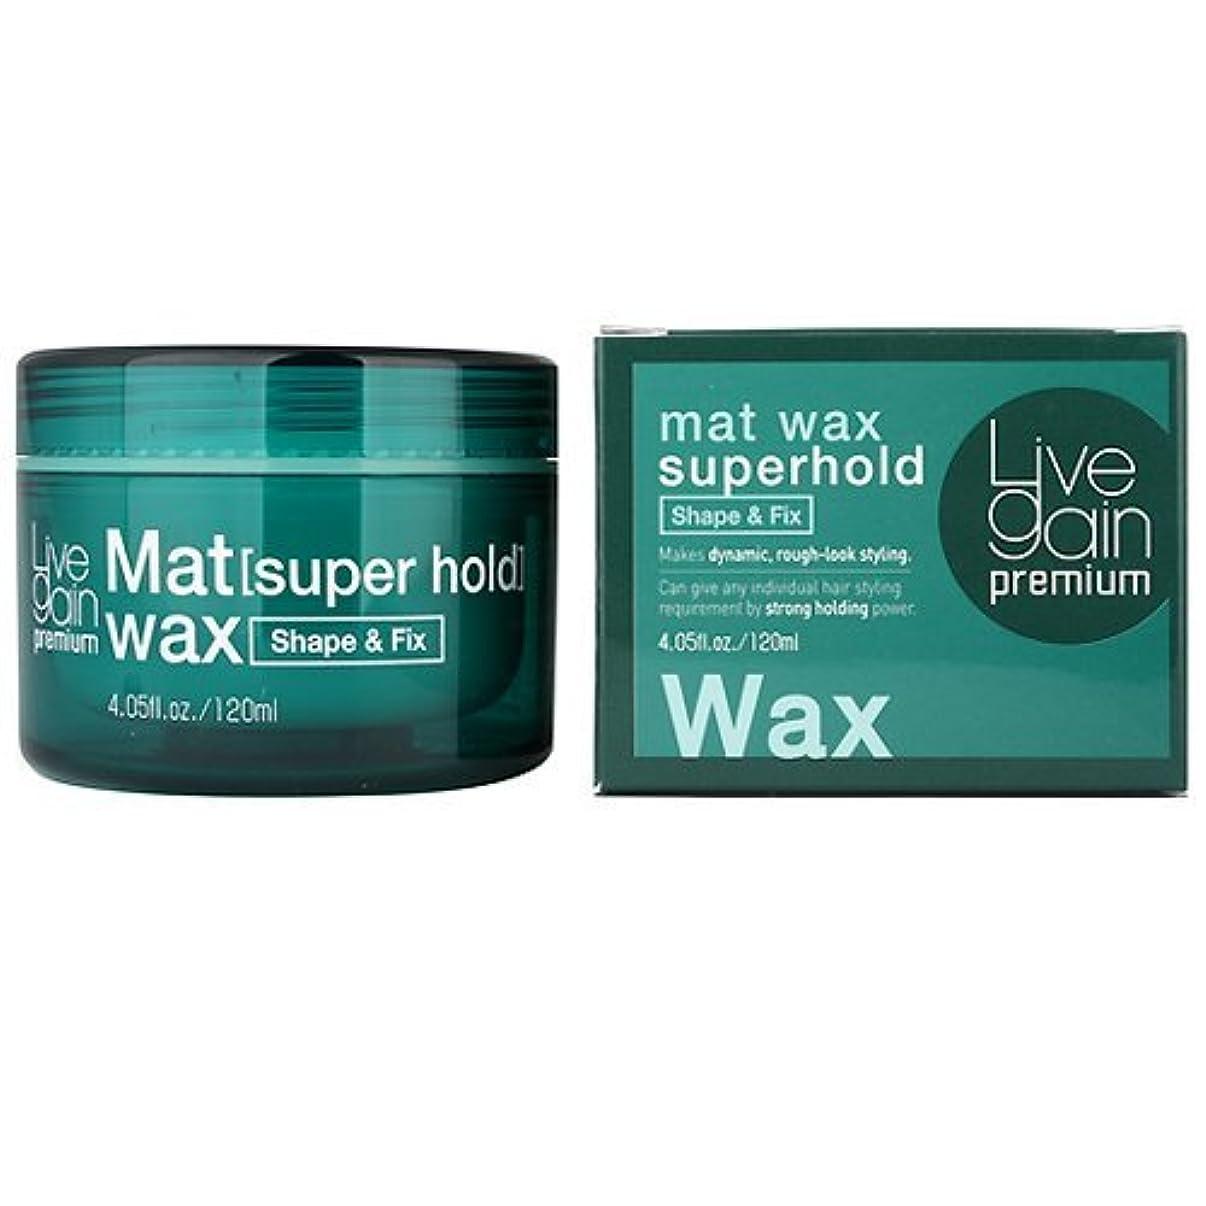 聖書吸収剤分岐するLivegain プレミアム マット ワックス スーパーホールド 120ml マット ヘア ワックス ストロング ホールド (Premium Mat Wax Superhold 120ml Matte Hair wax...